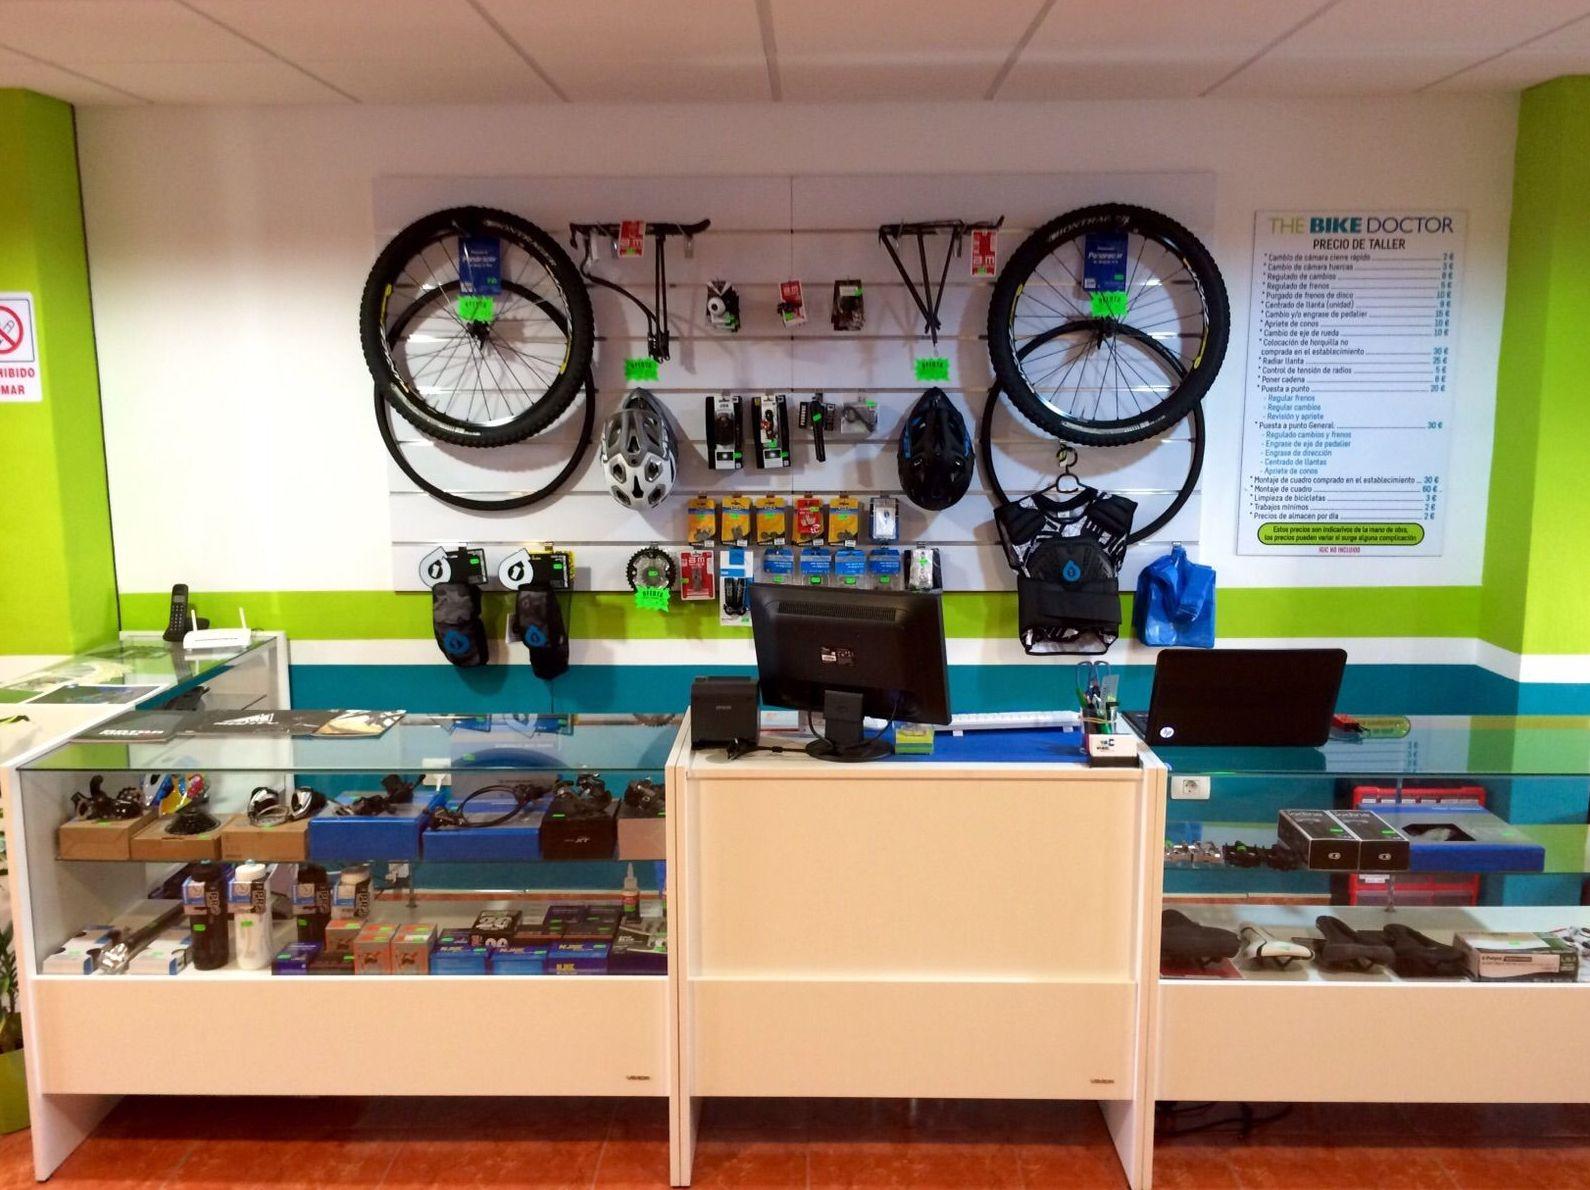 Venta de accesorios y repuestos de bici en San Isidro (Tenerife sur)